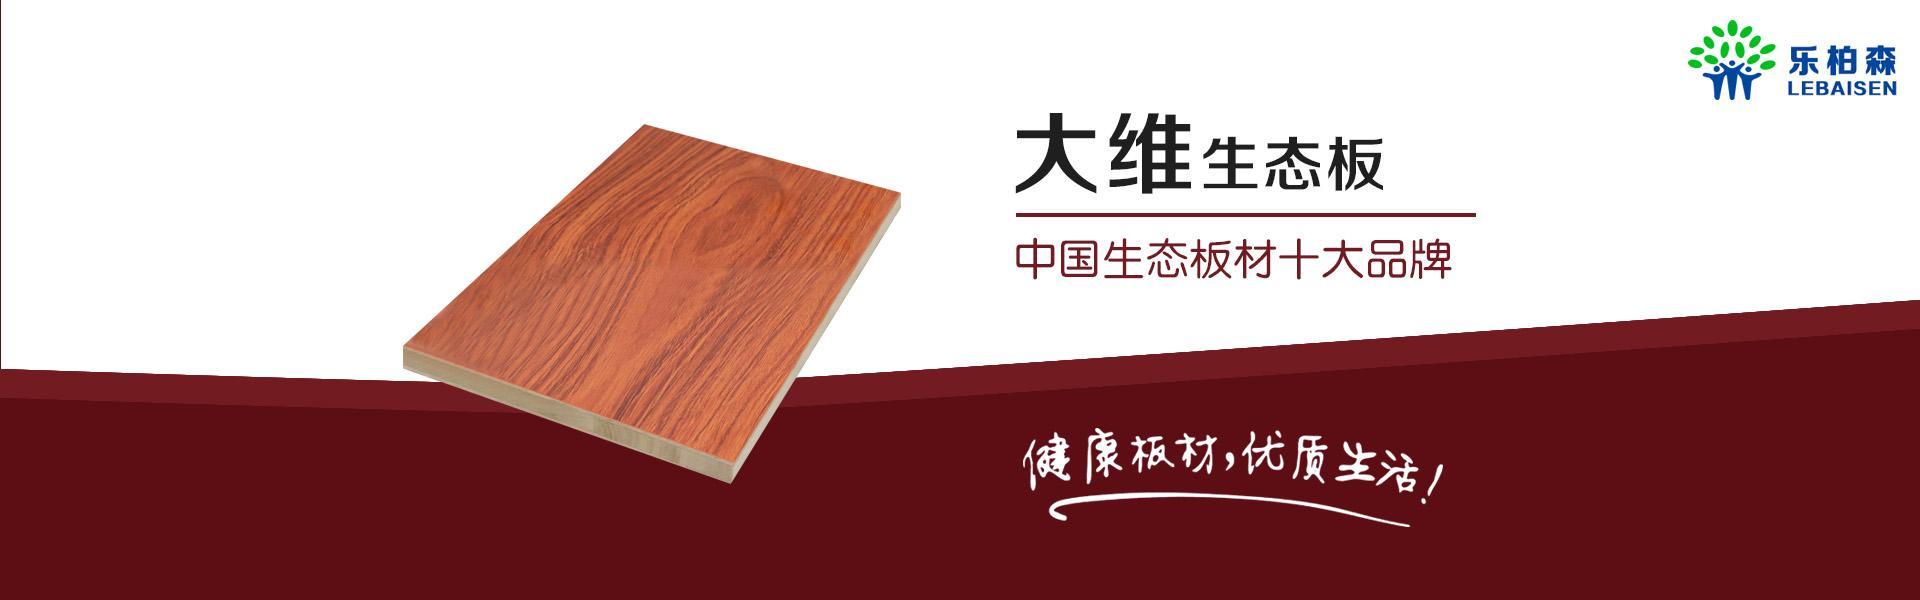 生态板厂家,河北大维人造板有限公司